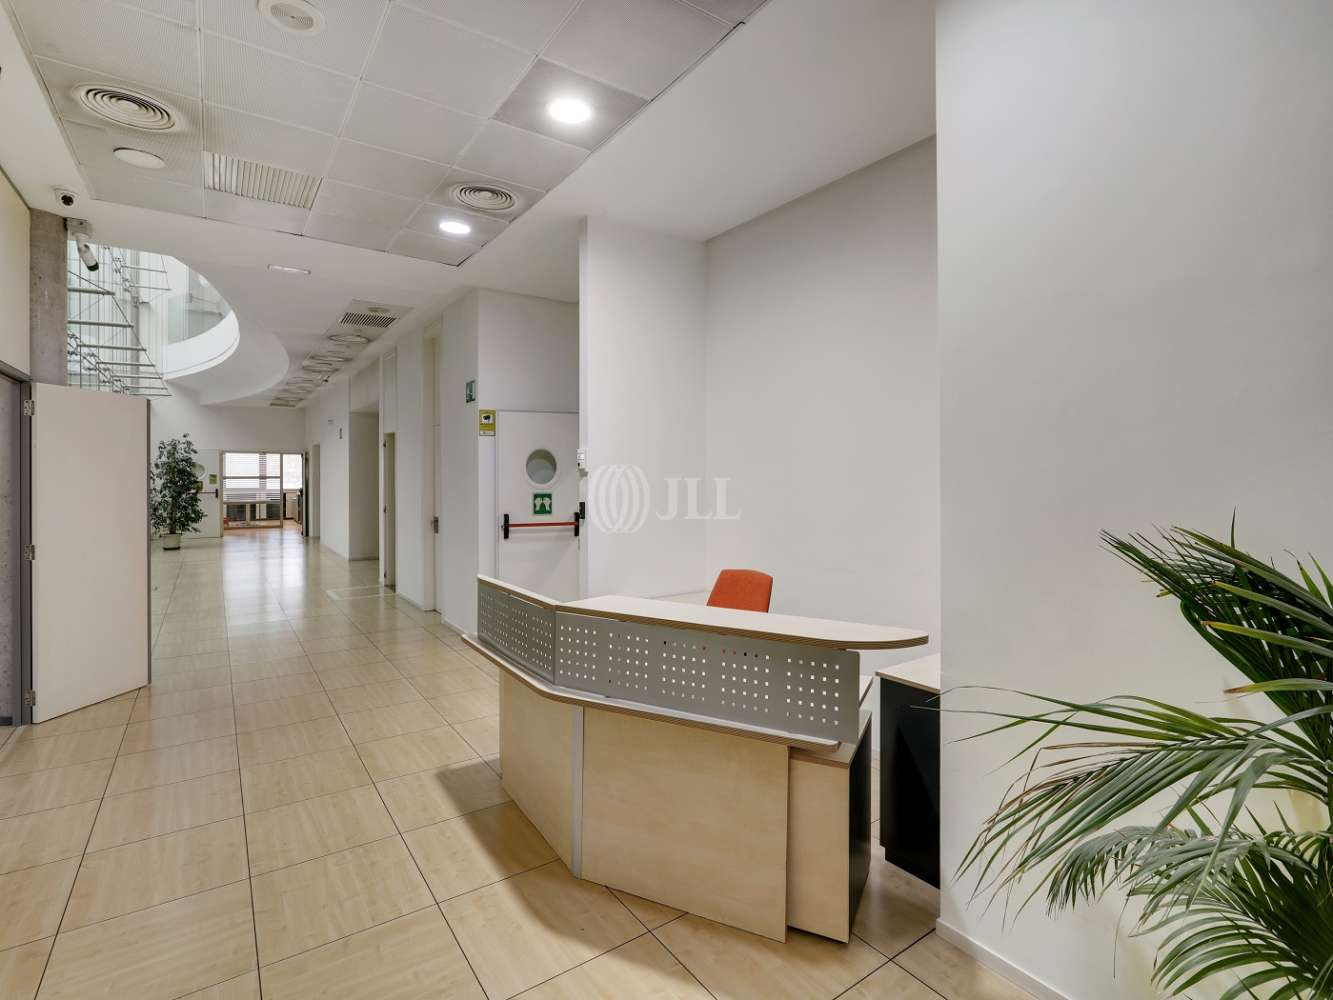 Oficina Las rozas de madrid, 28232 - Edificio 1 - 23182